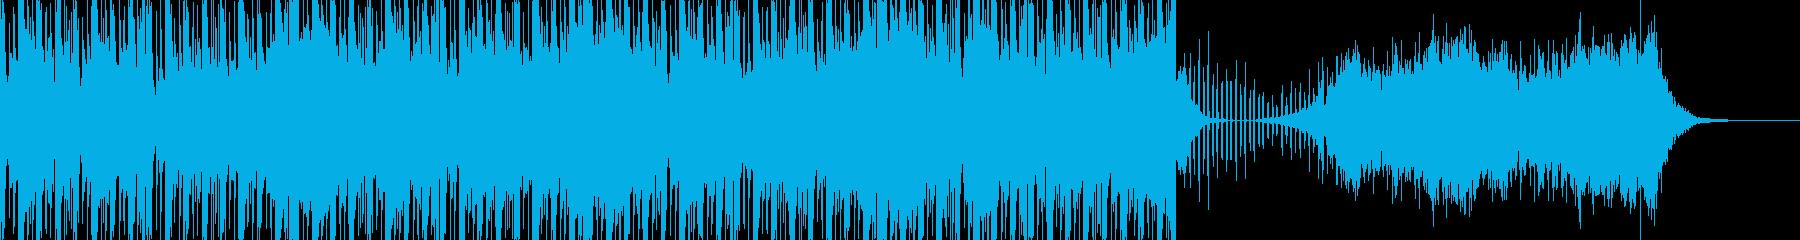 恐怖のダブステップの再生済みの波形